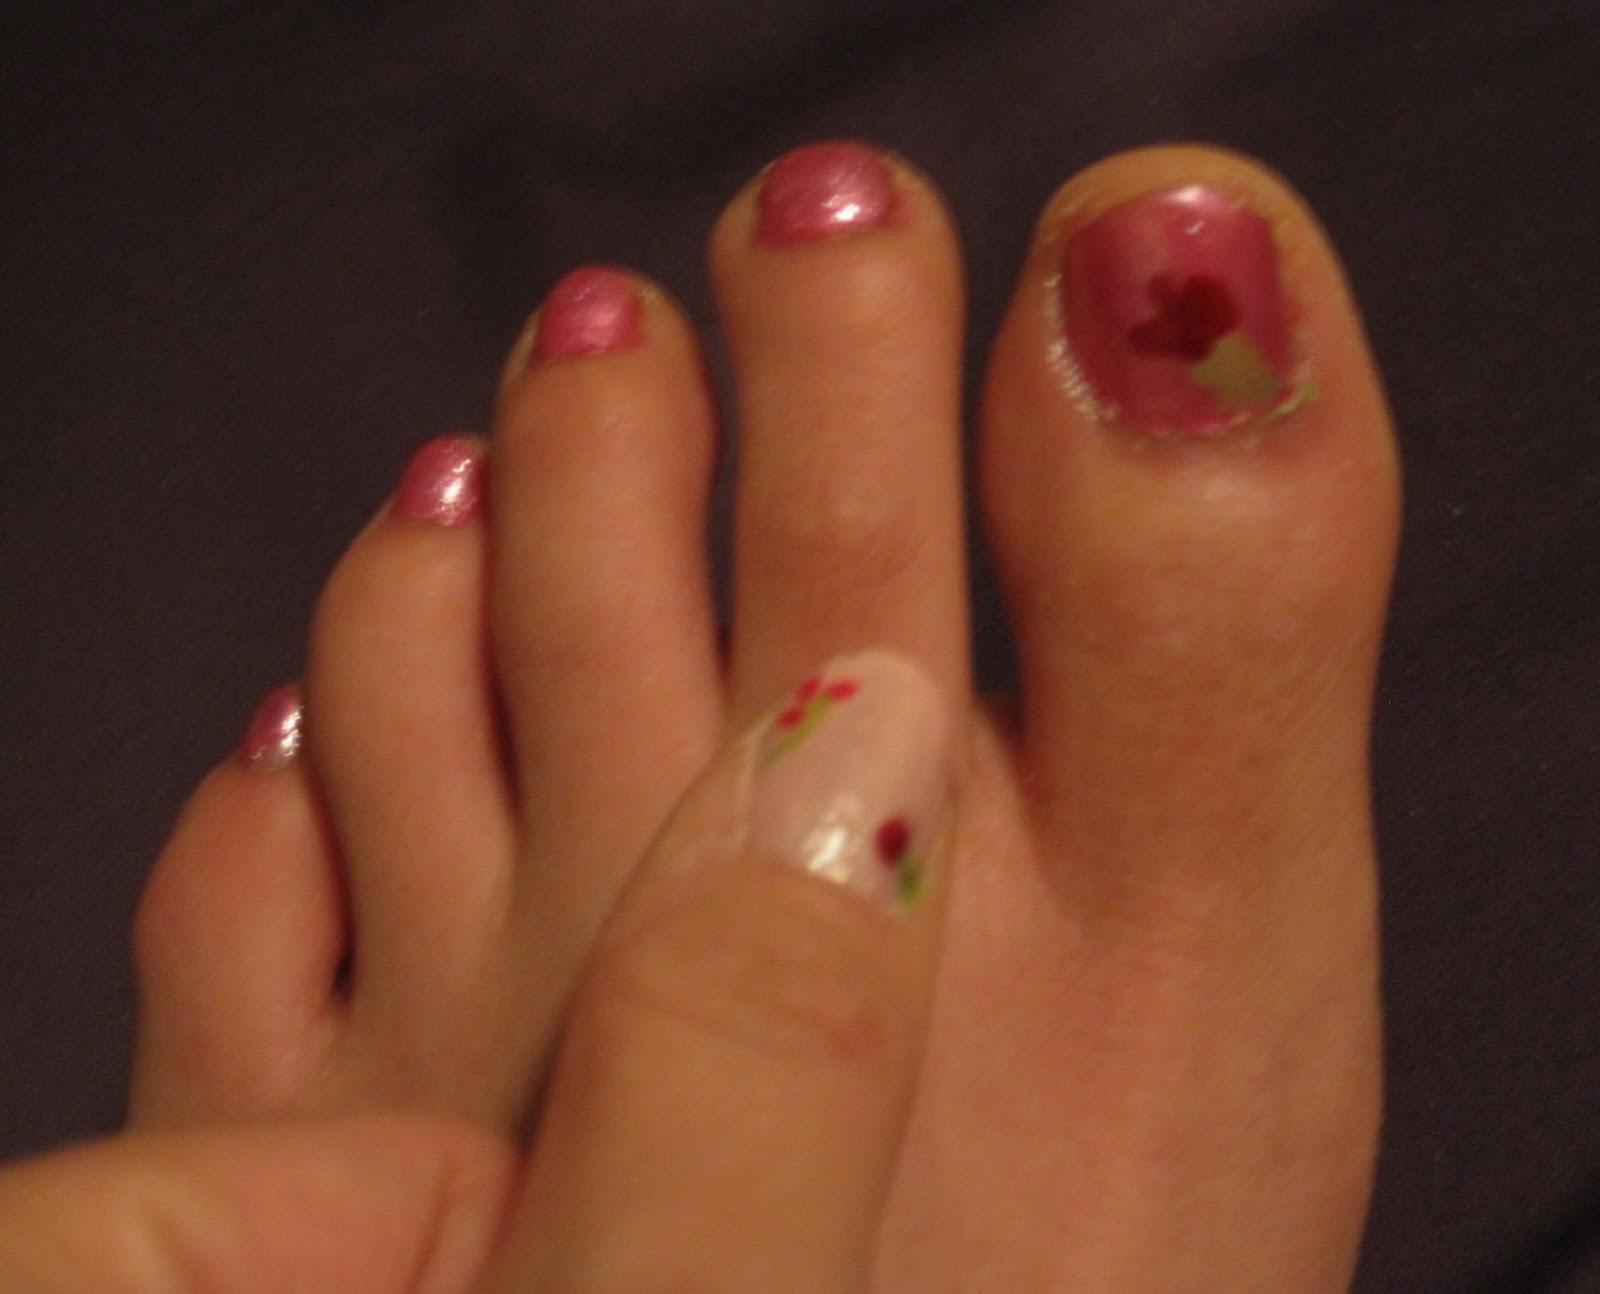 eggshell nail disorder